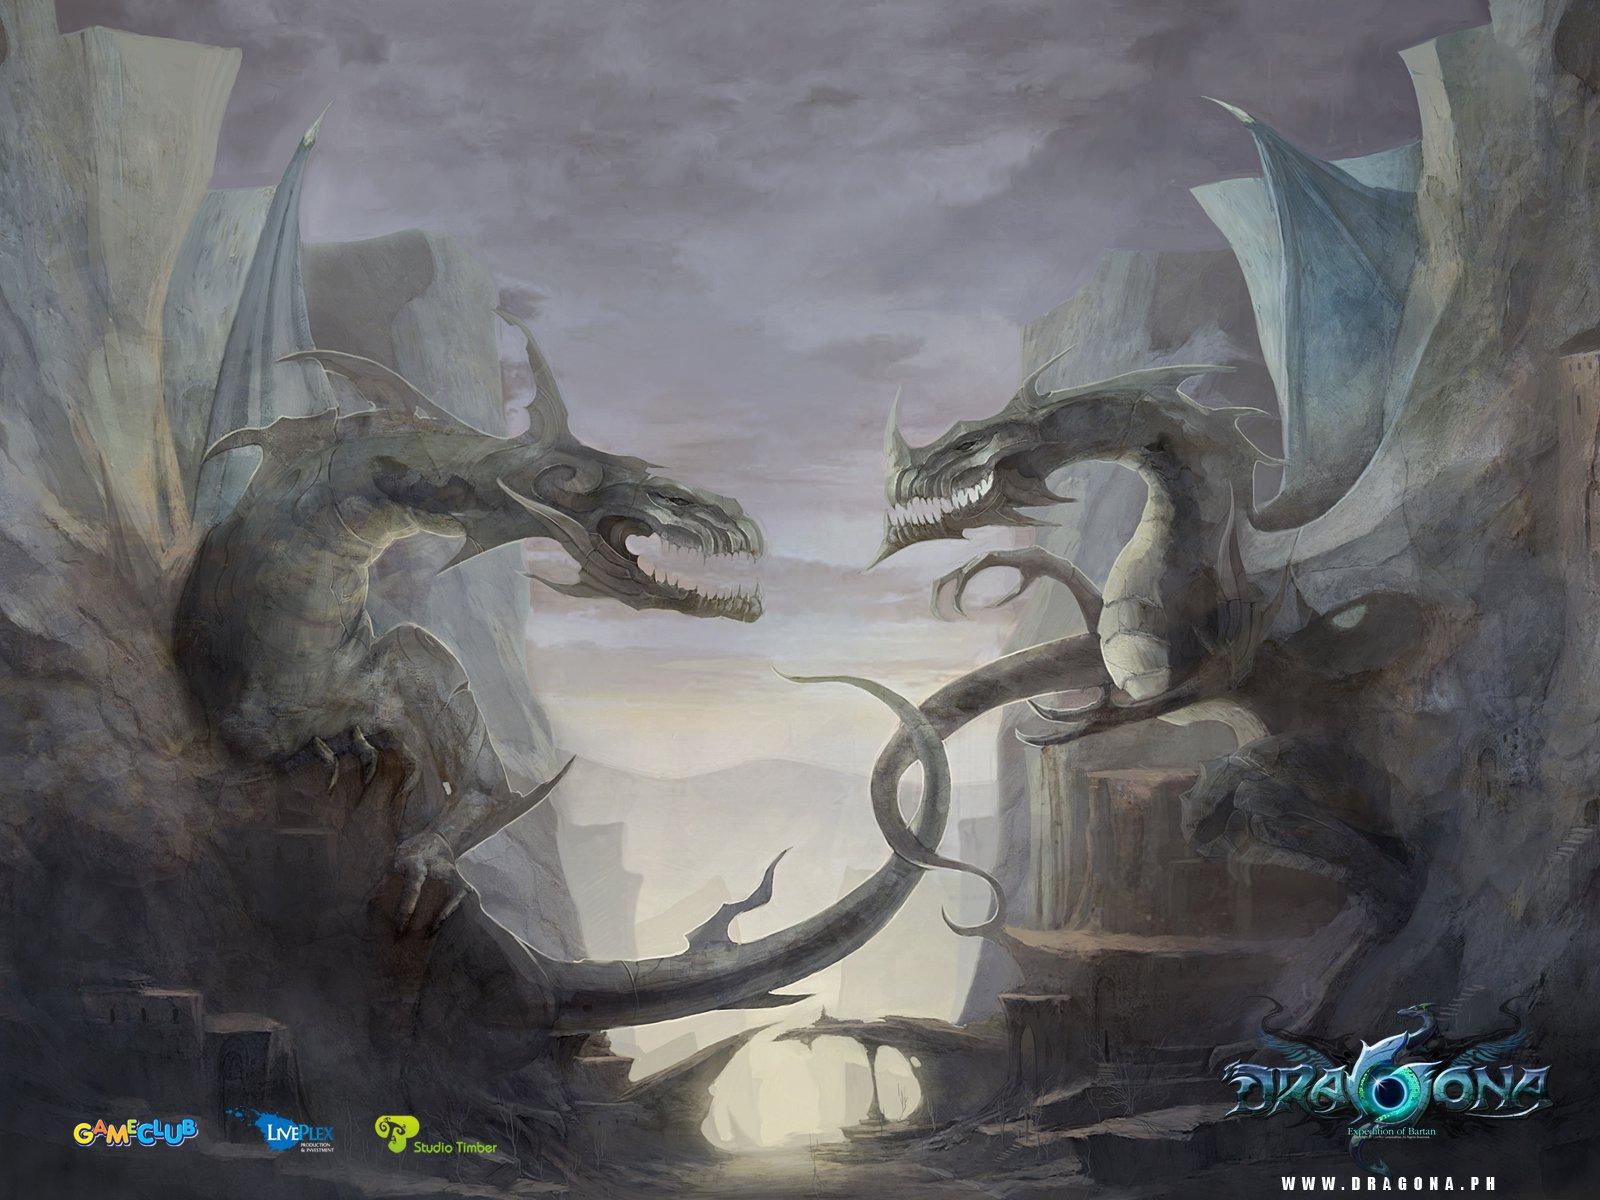 Dragona ph bot free download